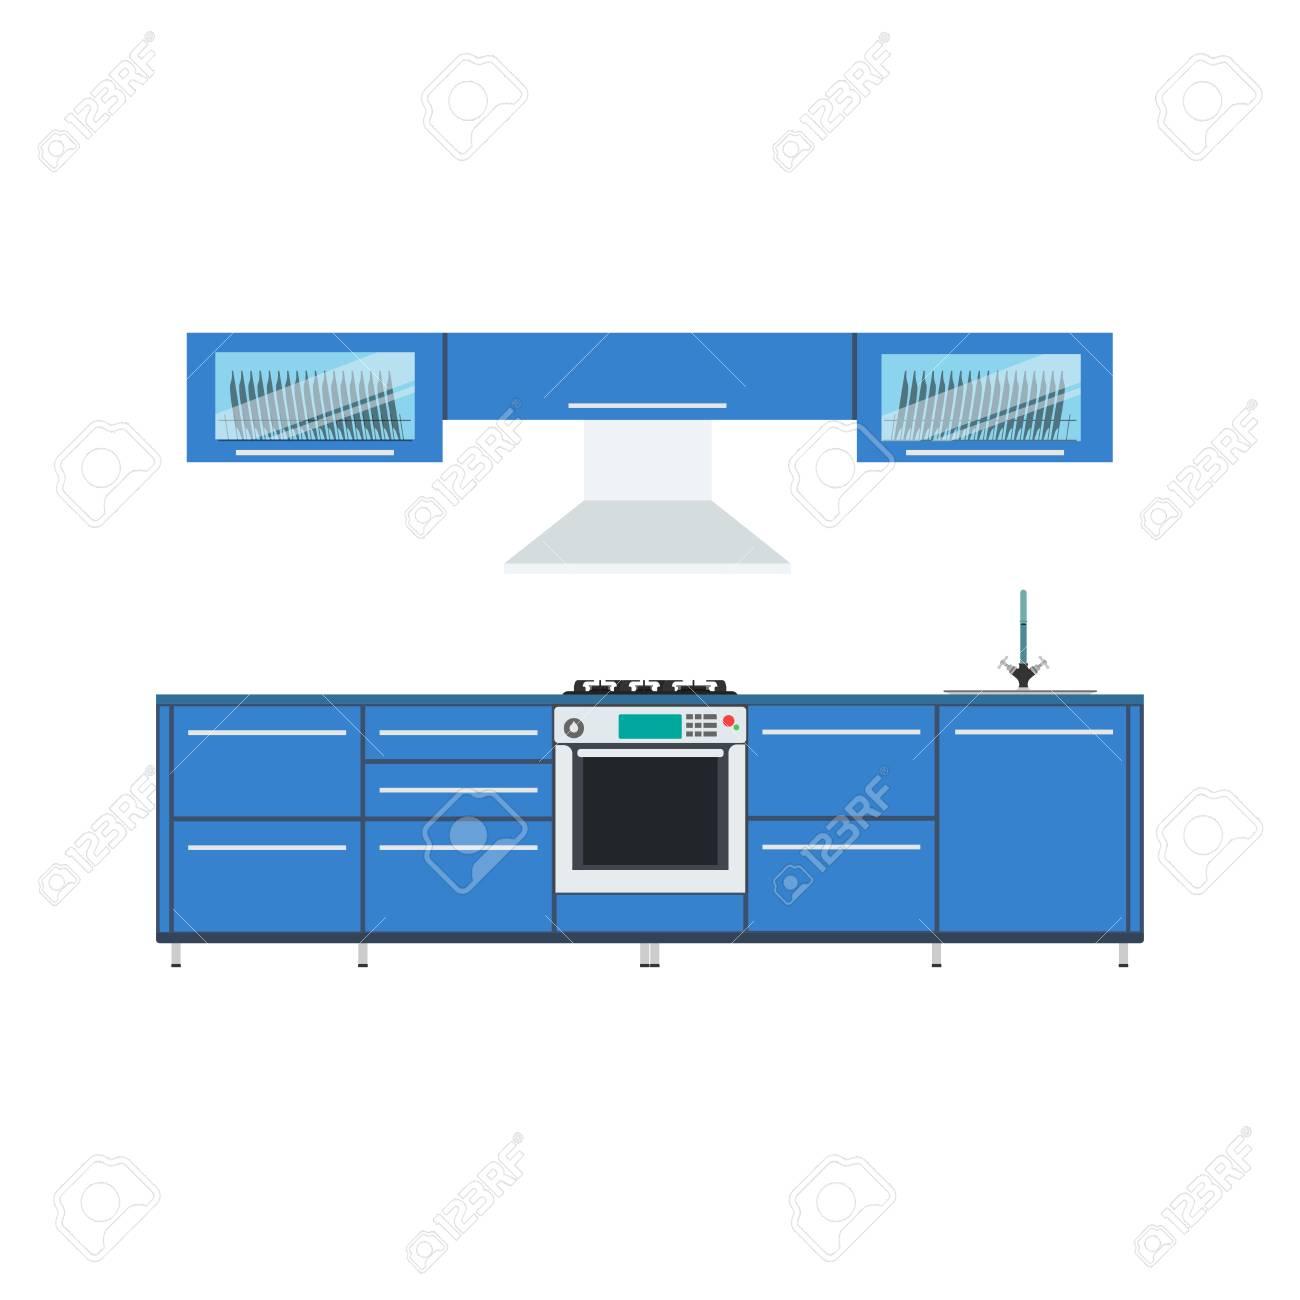 Cuisine Design Vector Illustration Interieur Moderne Cuisine Menu Meubles Cuisine Style Graphique De Dessin En Arriere Plan